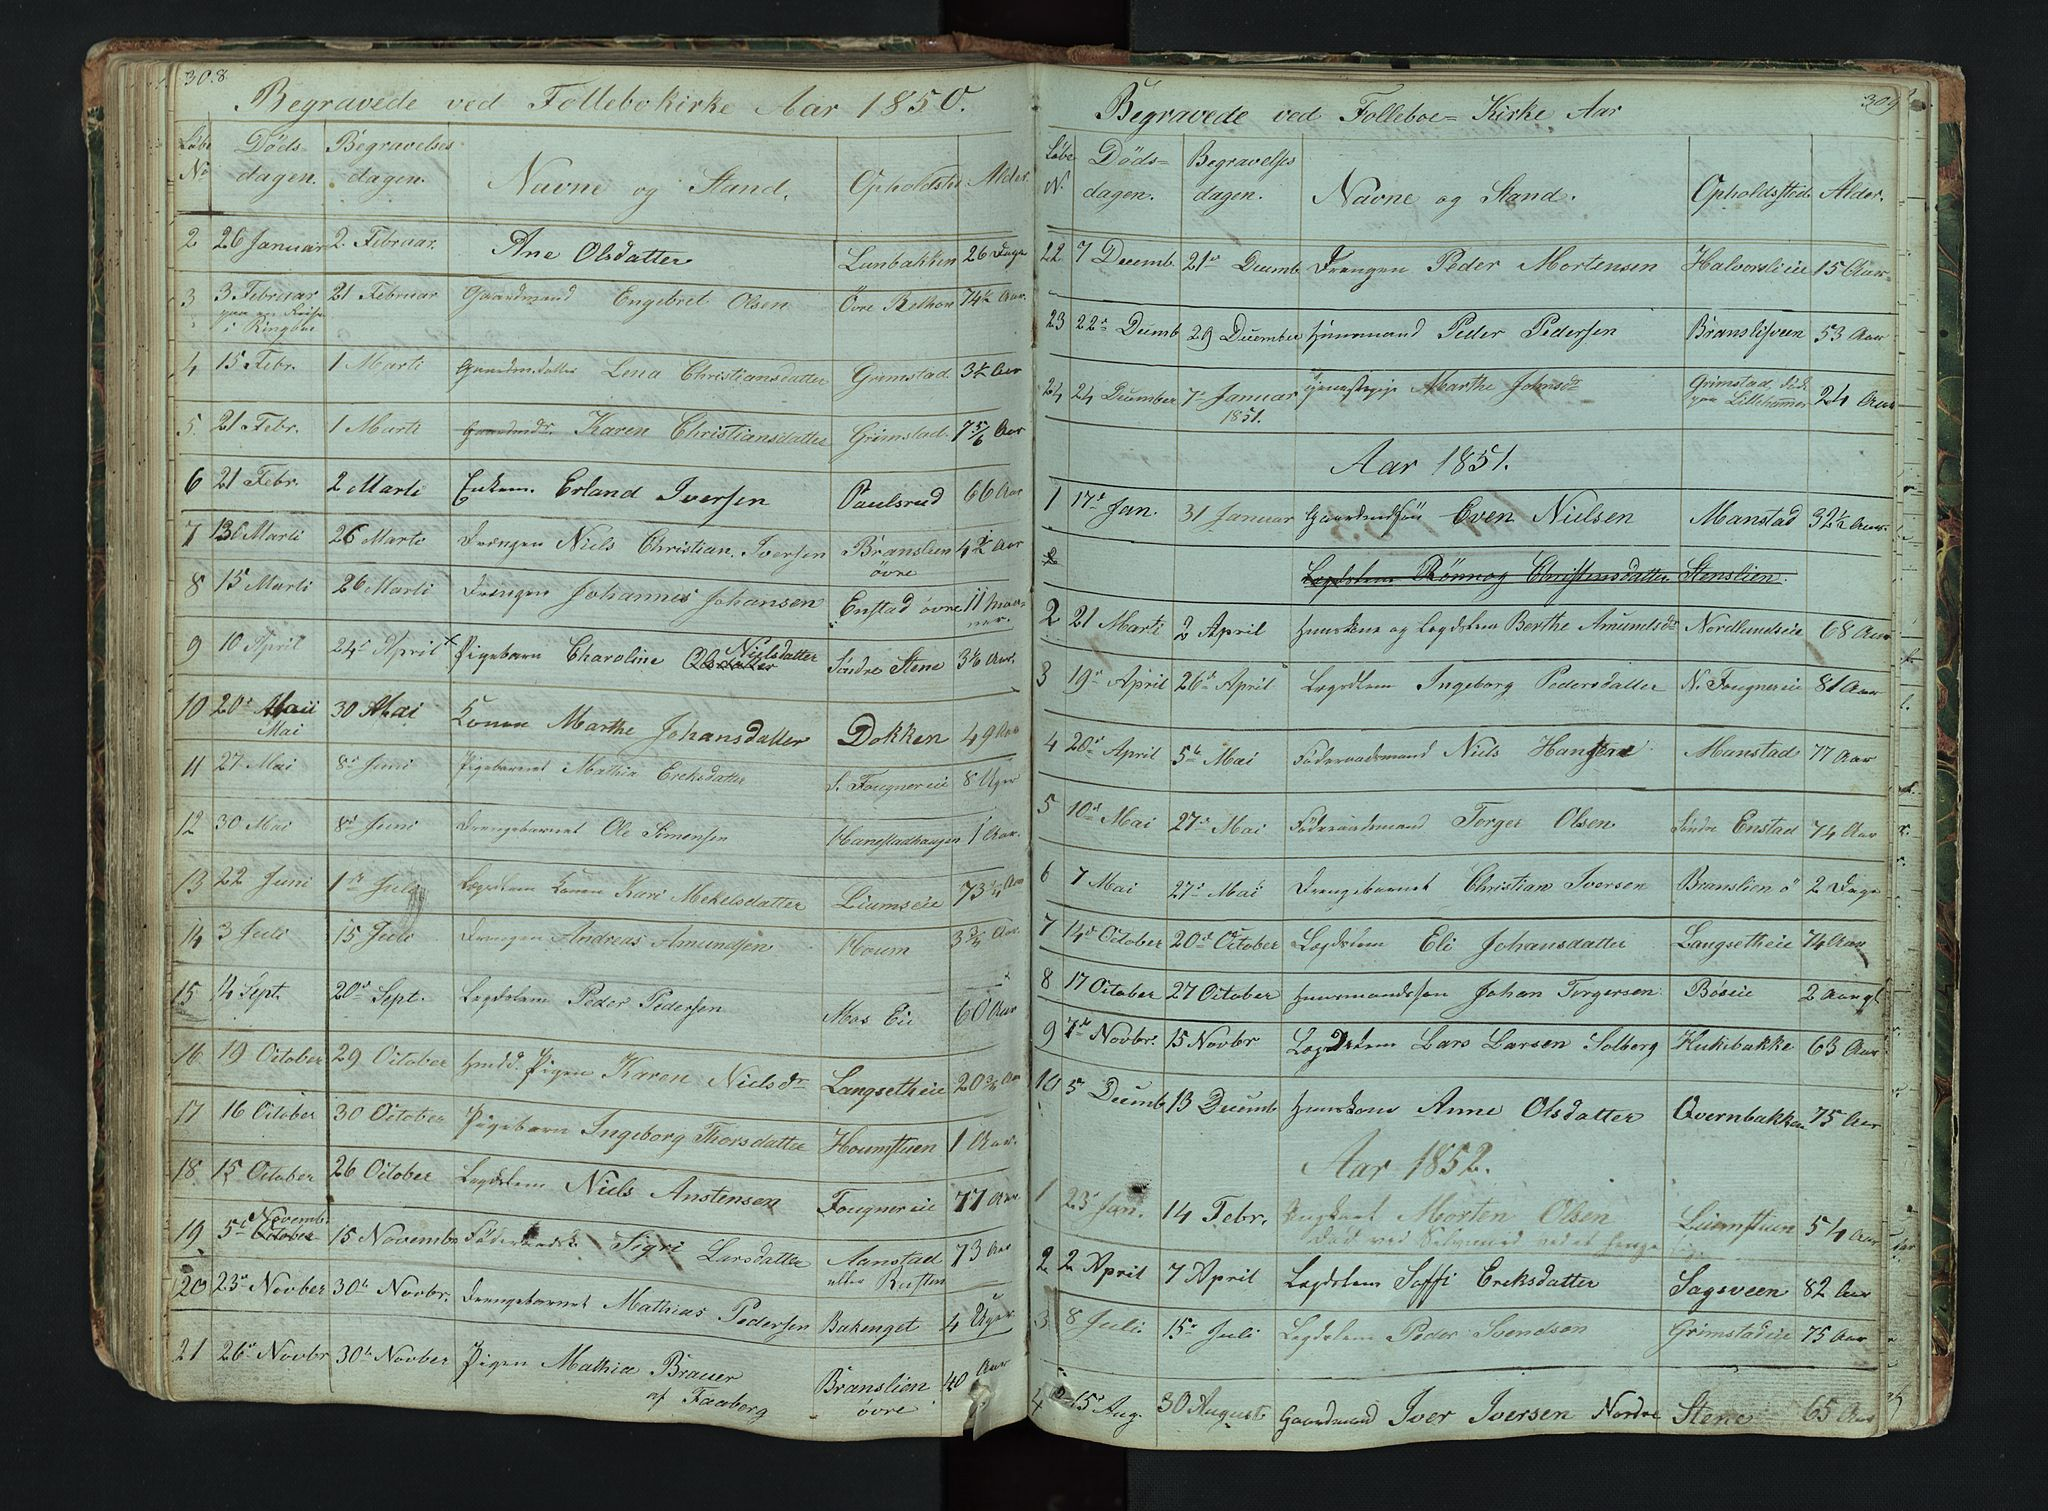 SAH, Gausdal prestekontor, Klokkerbok nr. 6, 1846-1893, s. 308-309